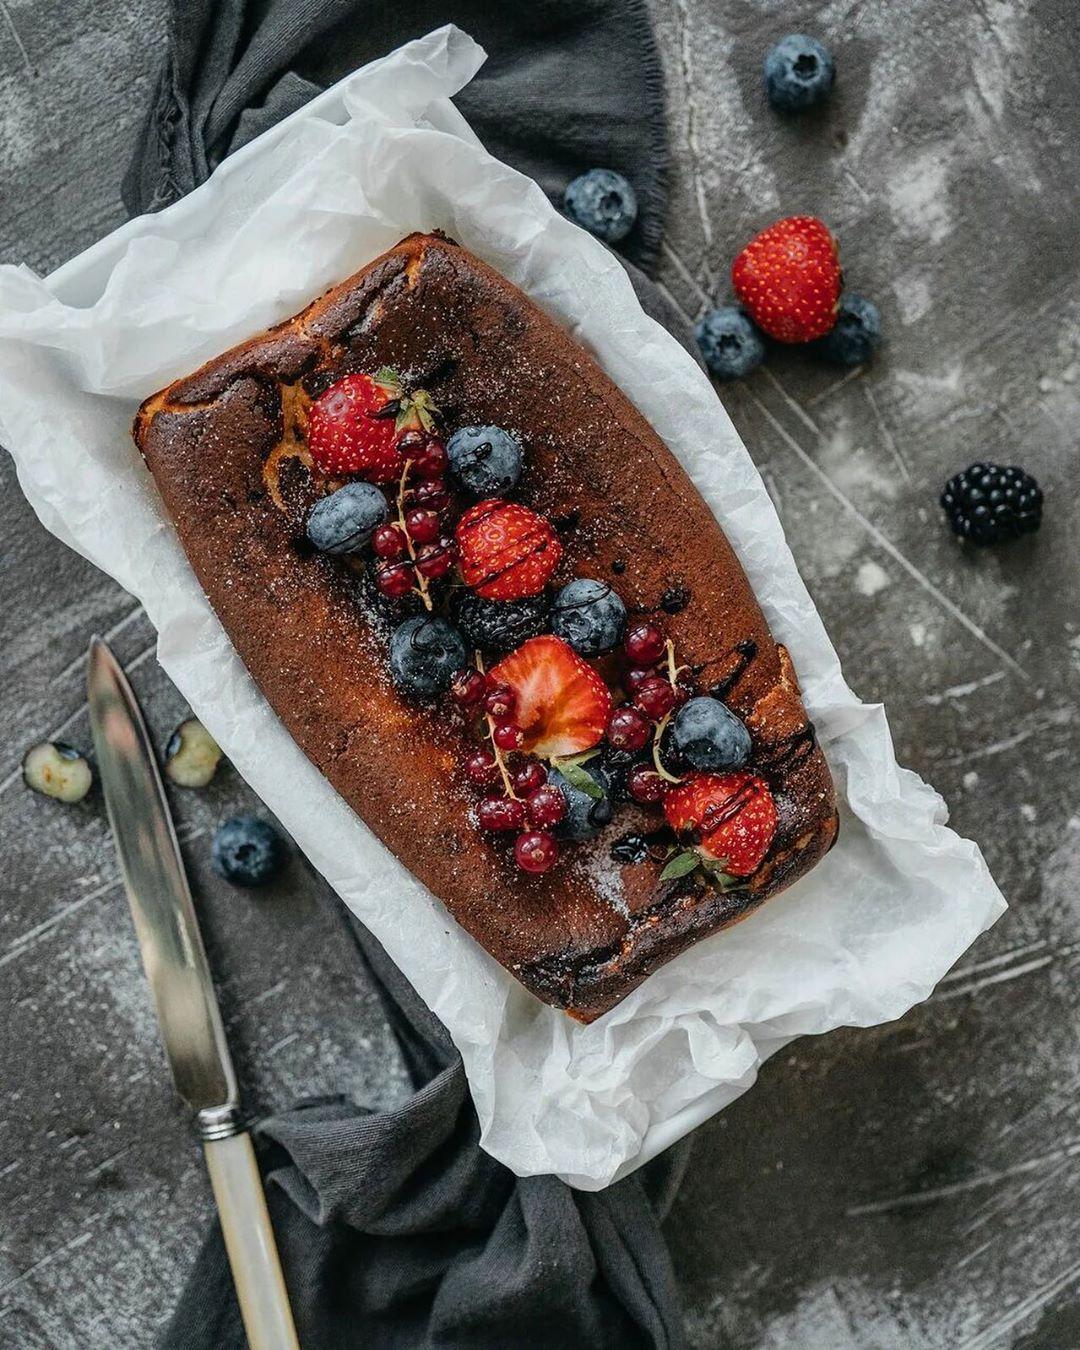 Сплошная польза: творожная запеканка с маслом гхи и ягодами